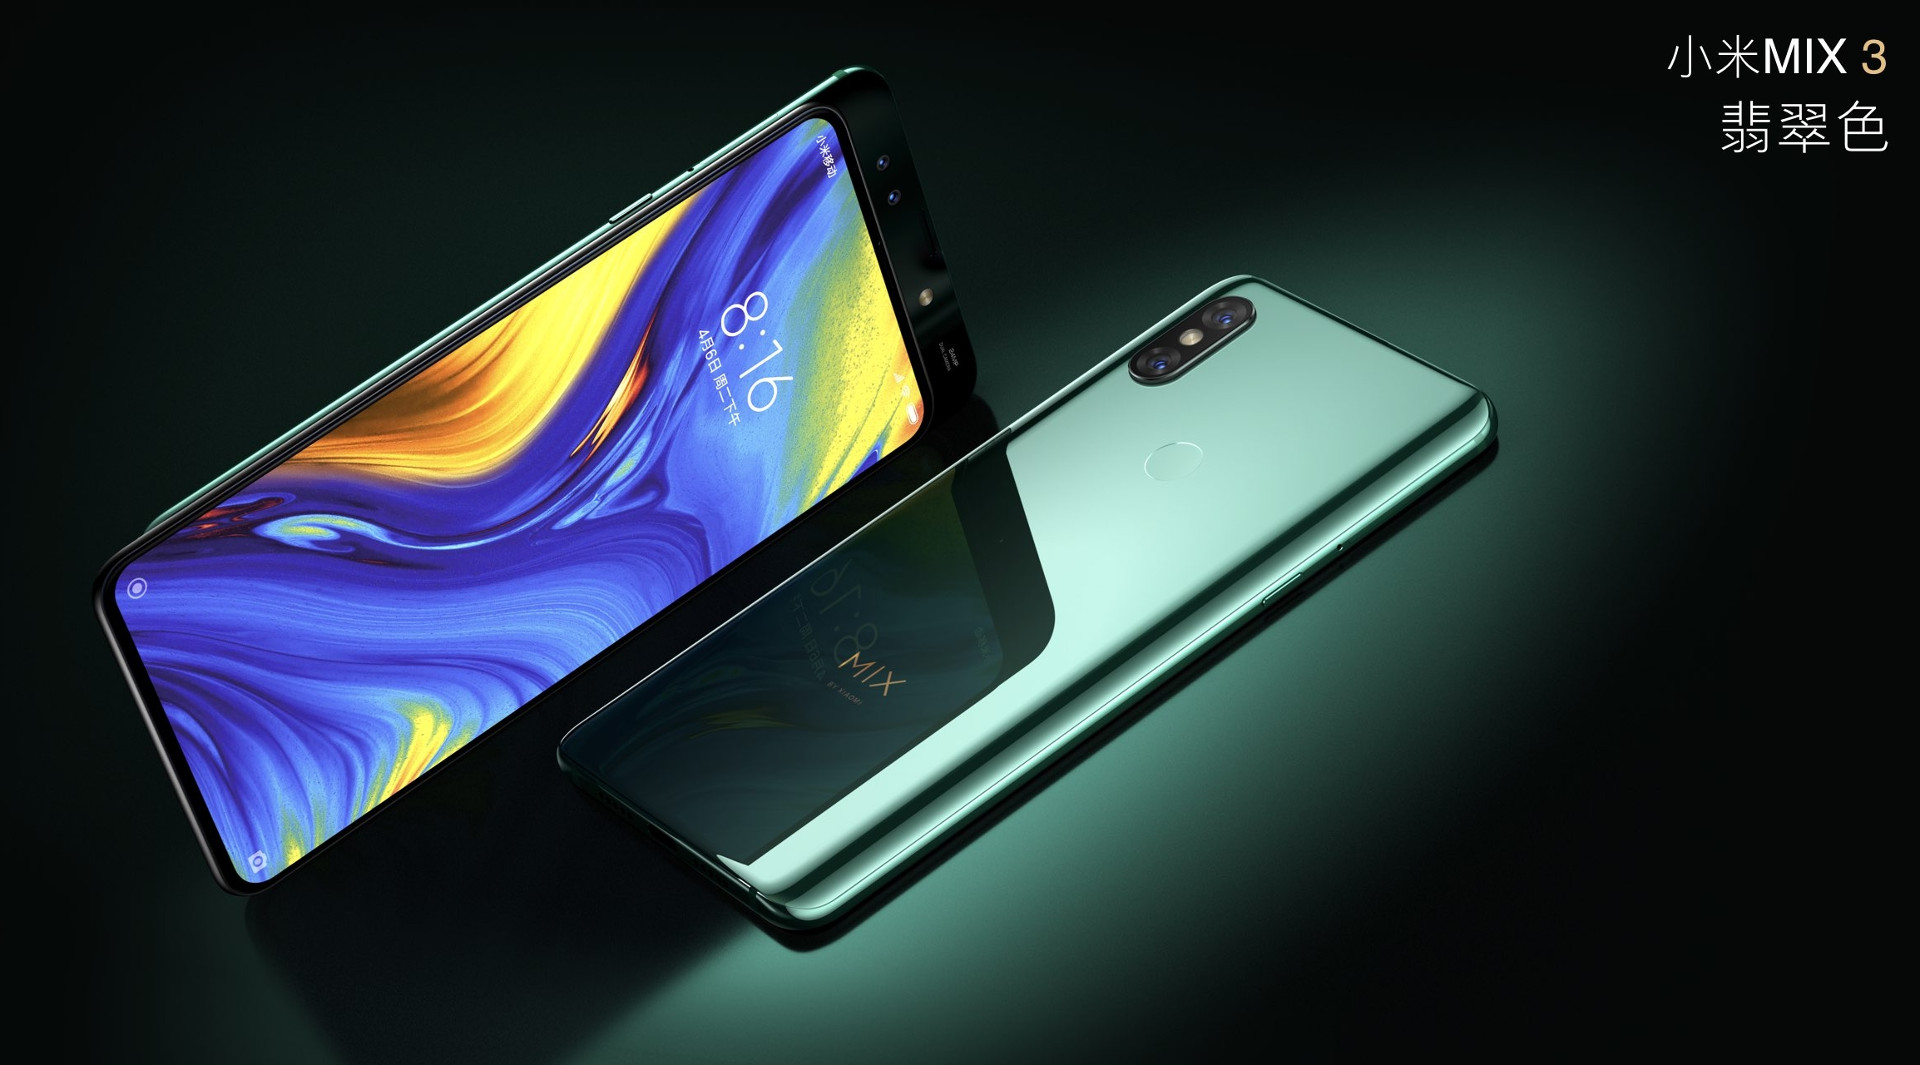 أفضل هواتف شاومي (Xiaomi) من حيث الكاميرا و التصوير